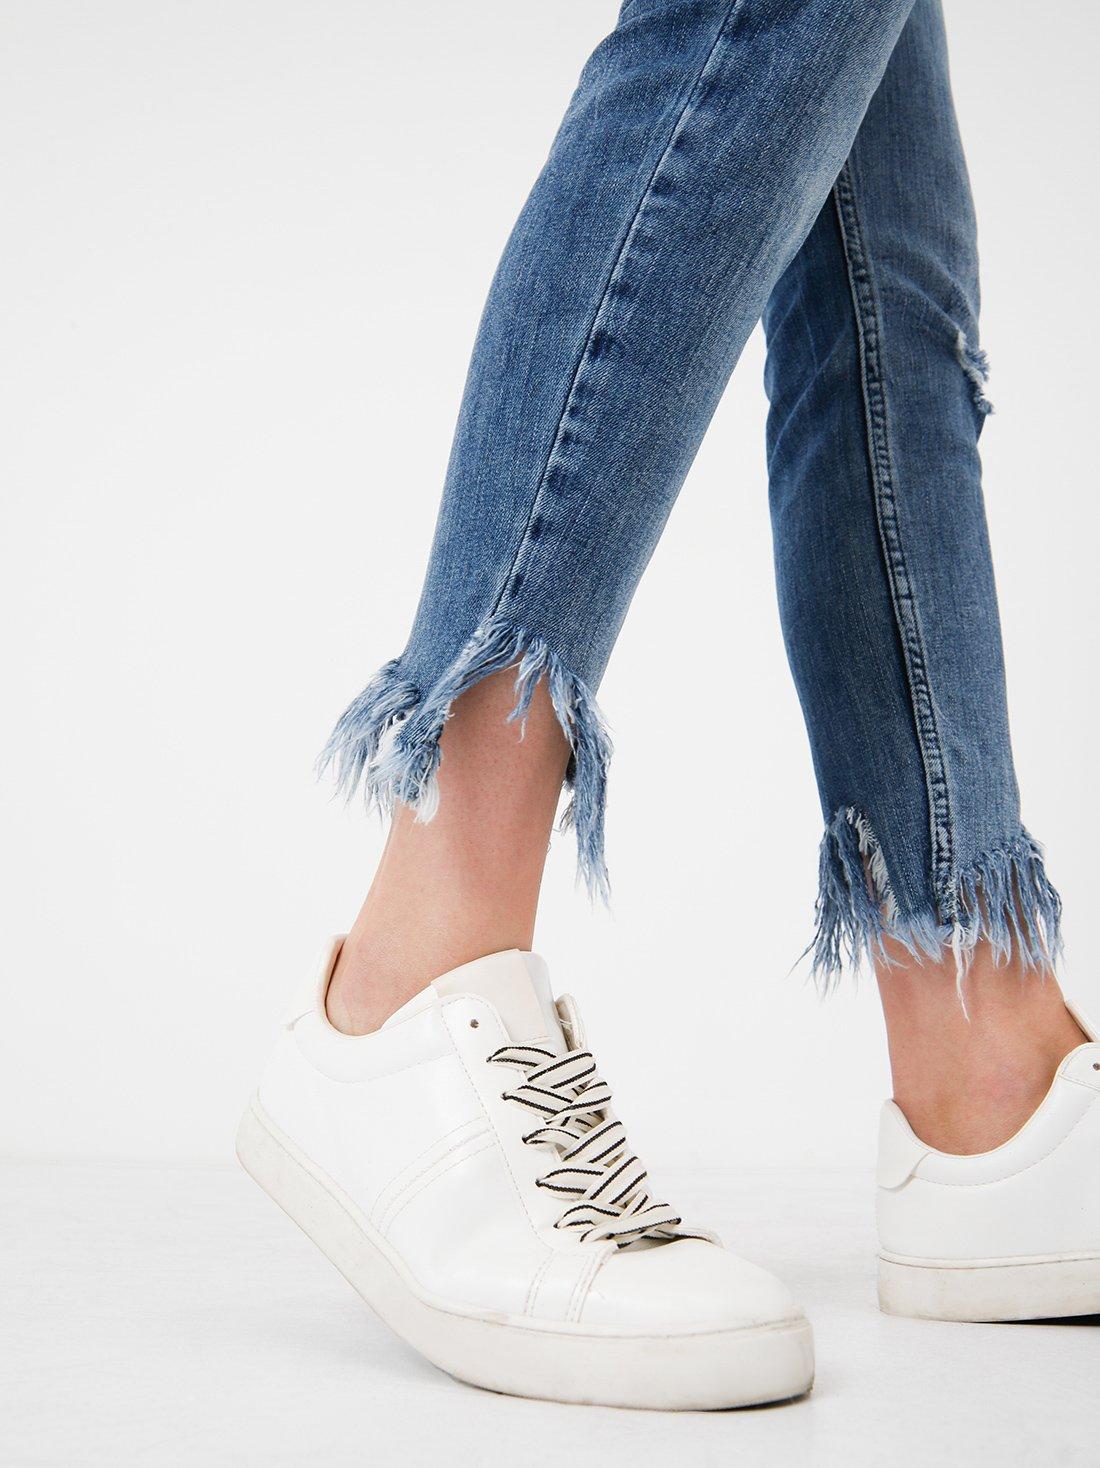 Узкие джинсы с необработанной кромкой по низу